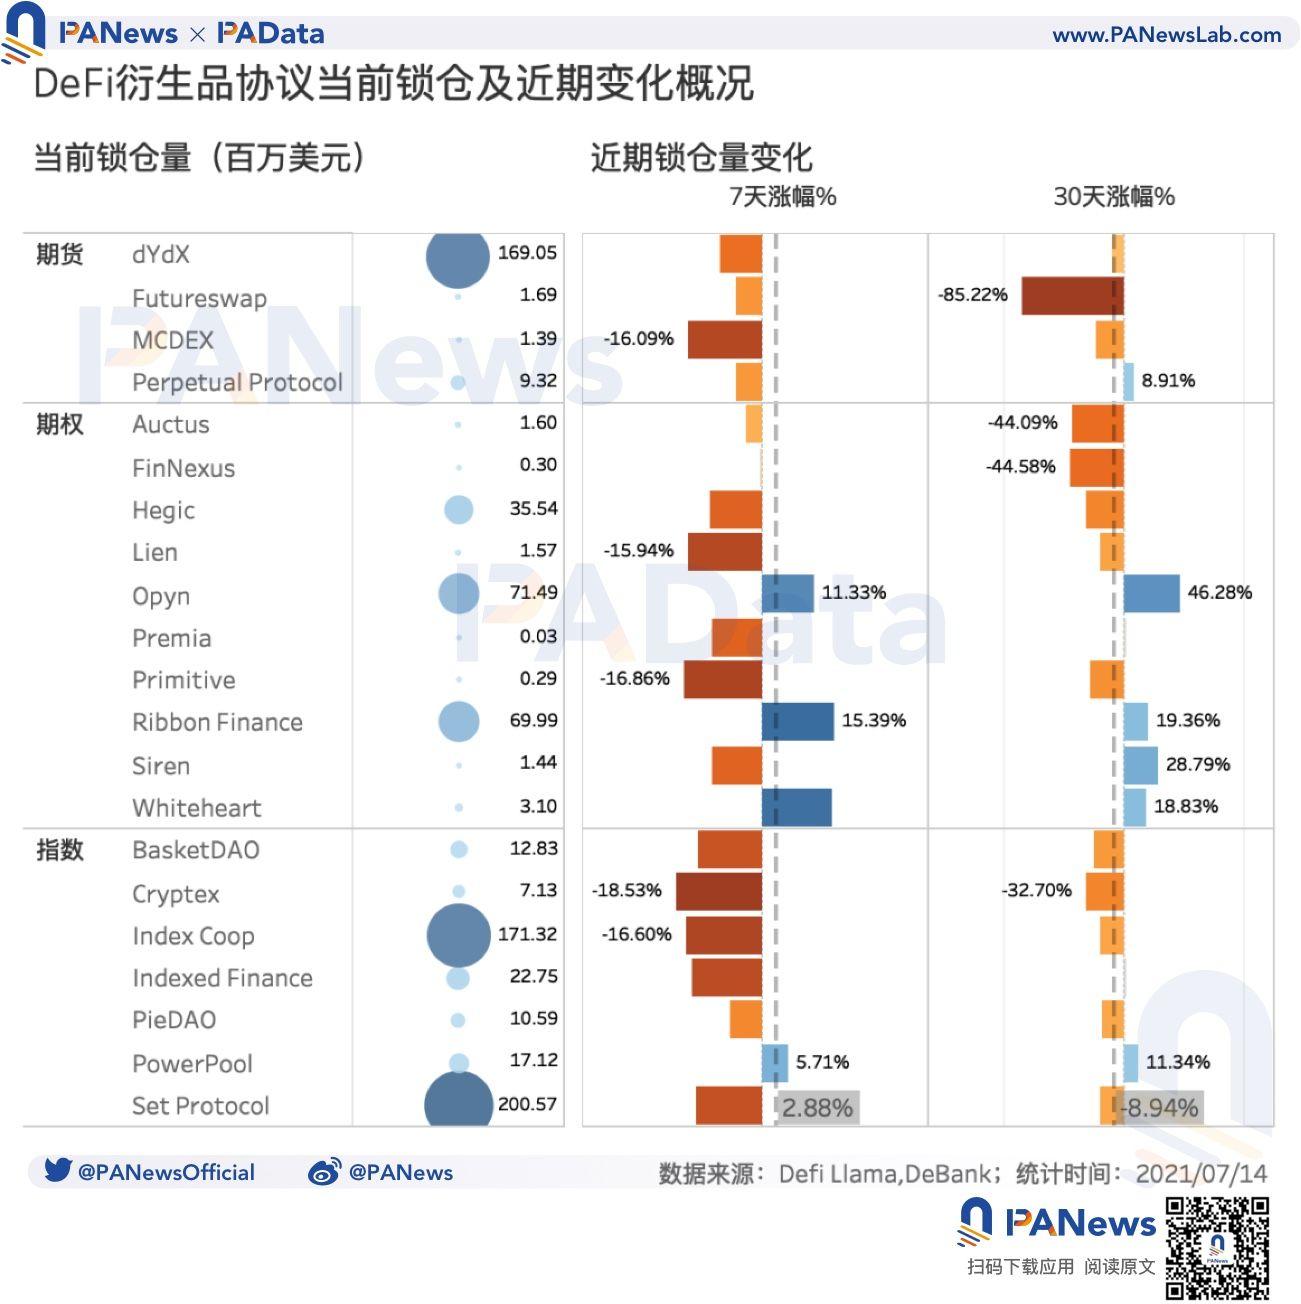 DeFi衍生品还有多大潜力?预估日交易量仅5.8亿美元,不足中心化平台百分之一